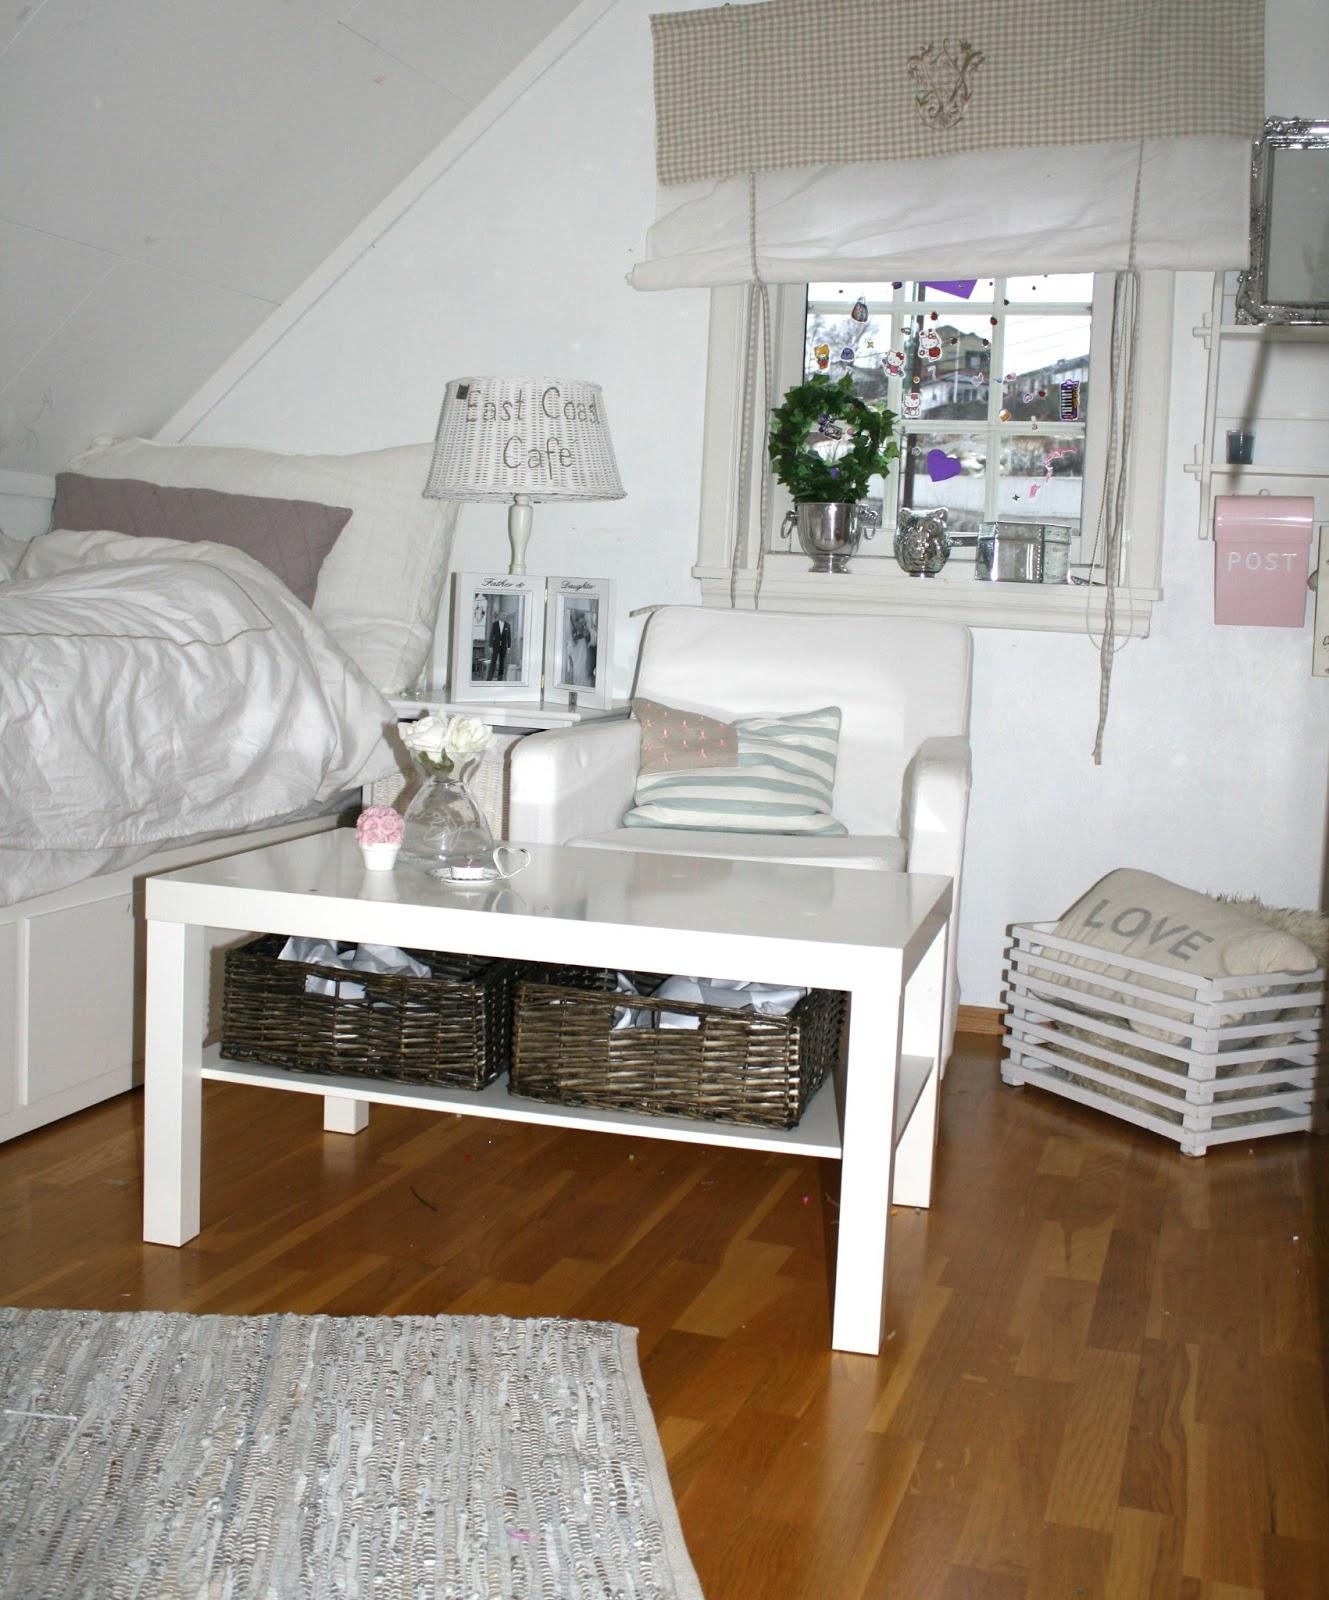 P? dette lille rom har vi plass til En seng, stol, bord, tvskap.